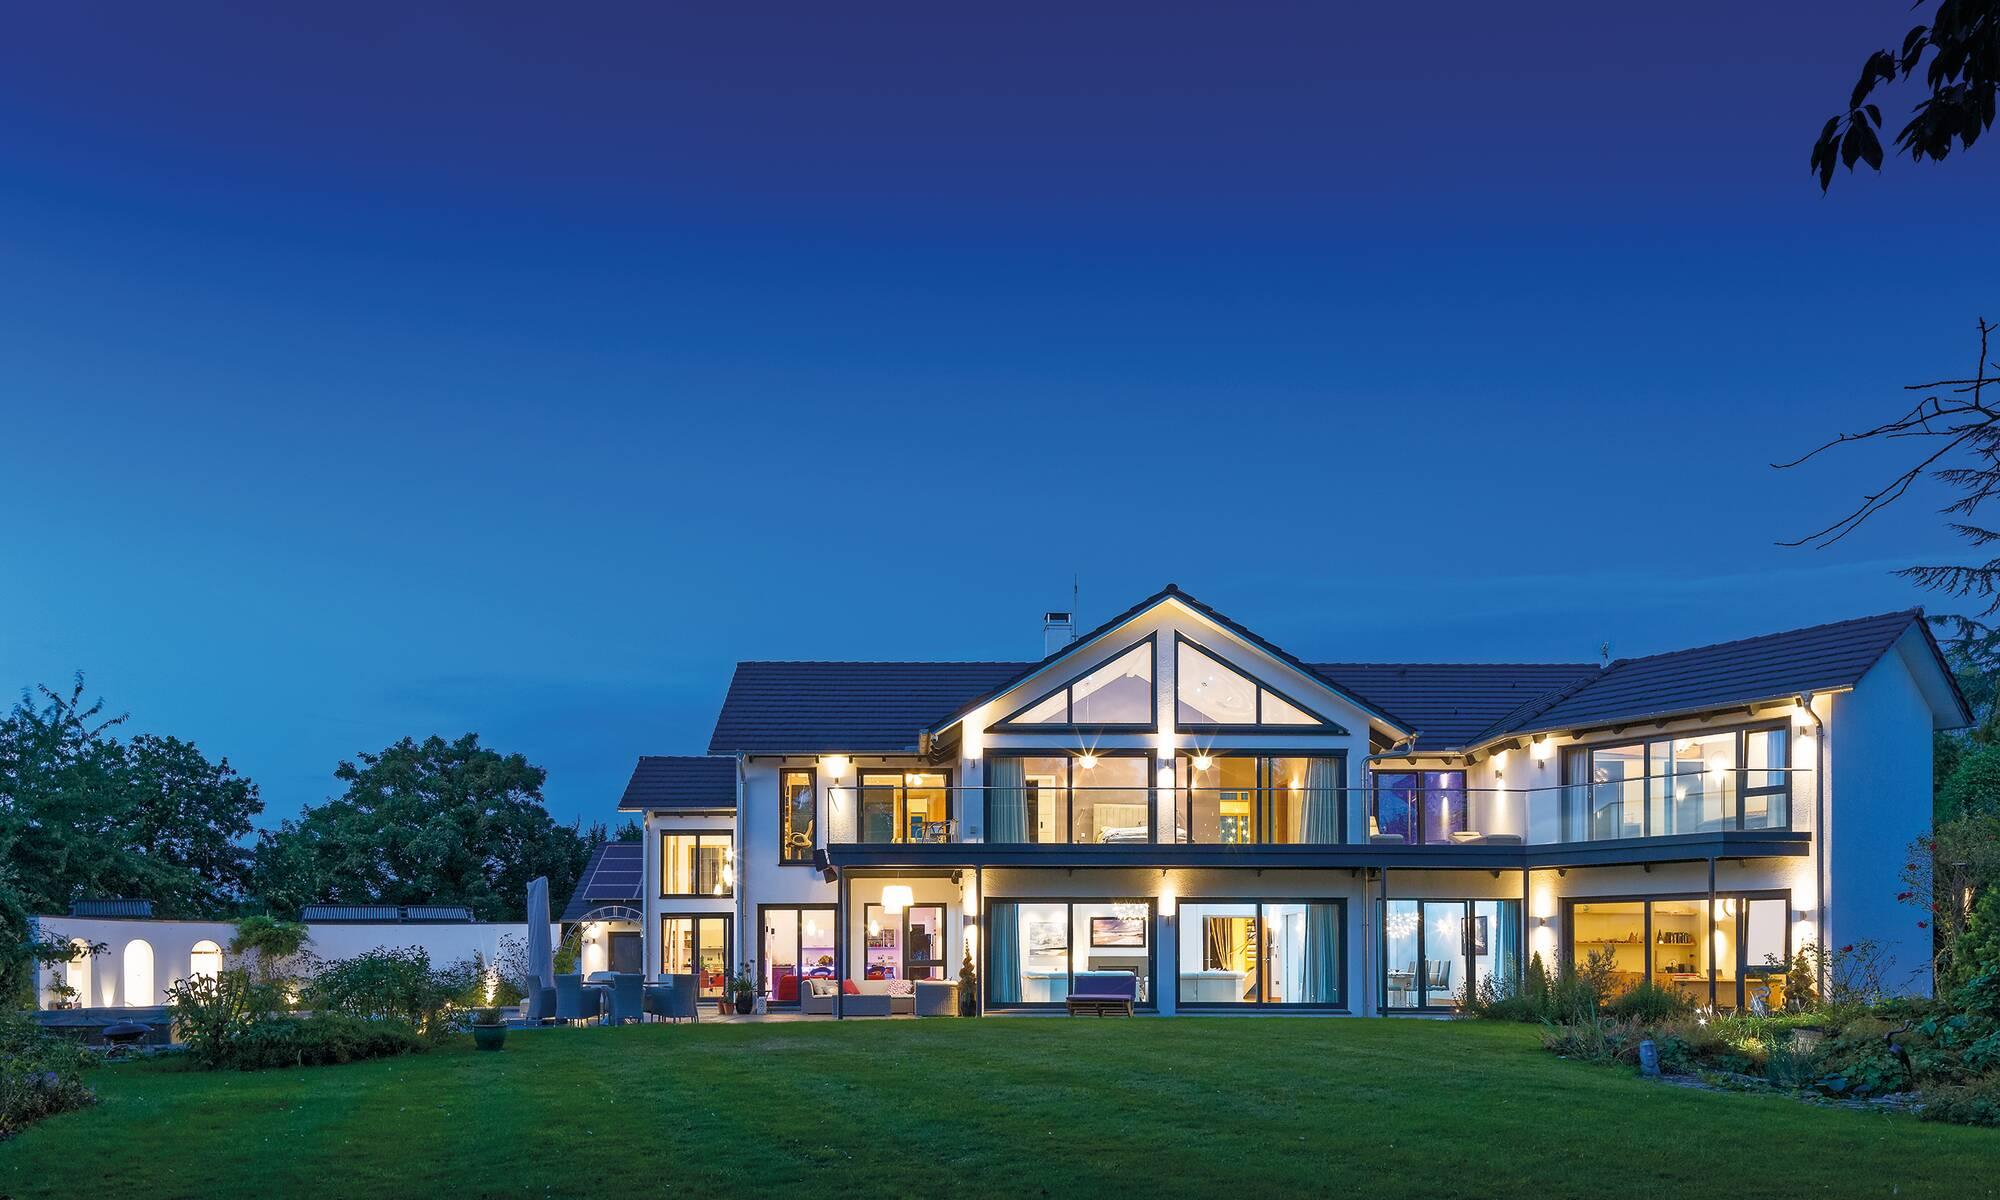 Haus abgewinkelt mit Satteldach